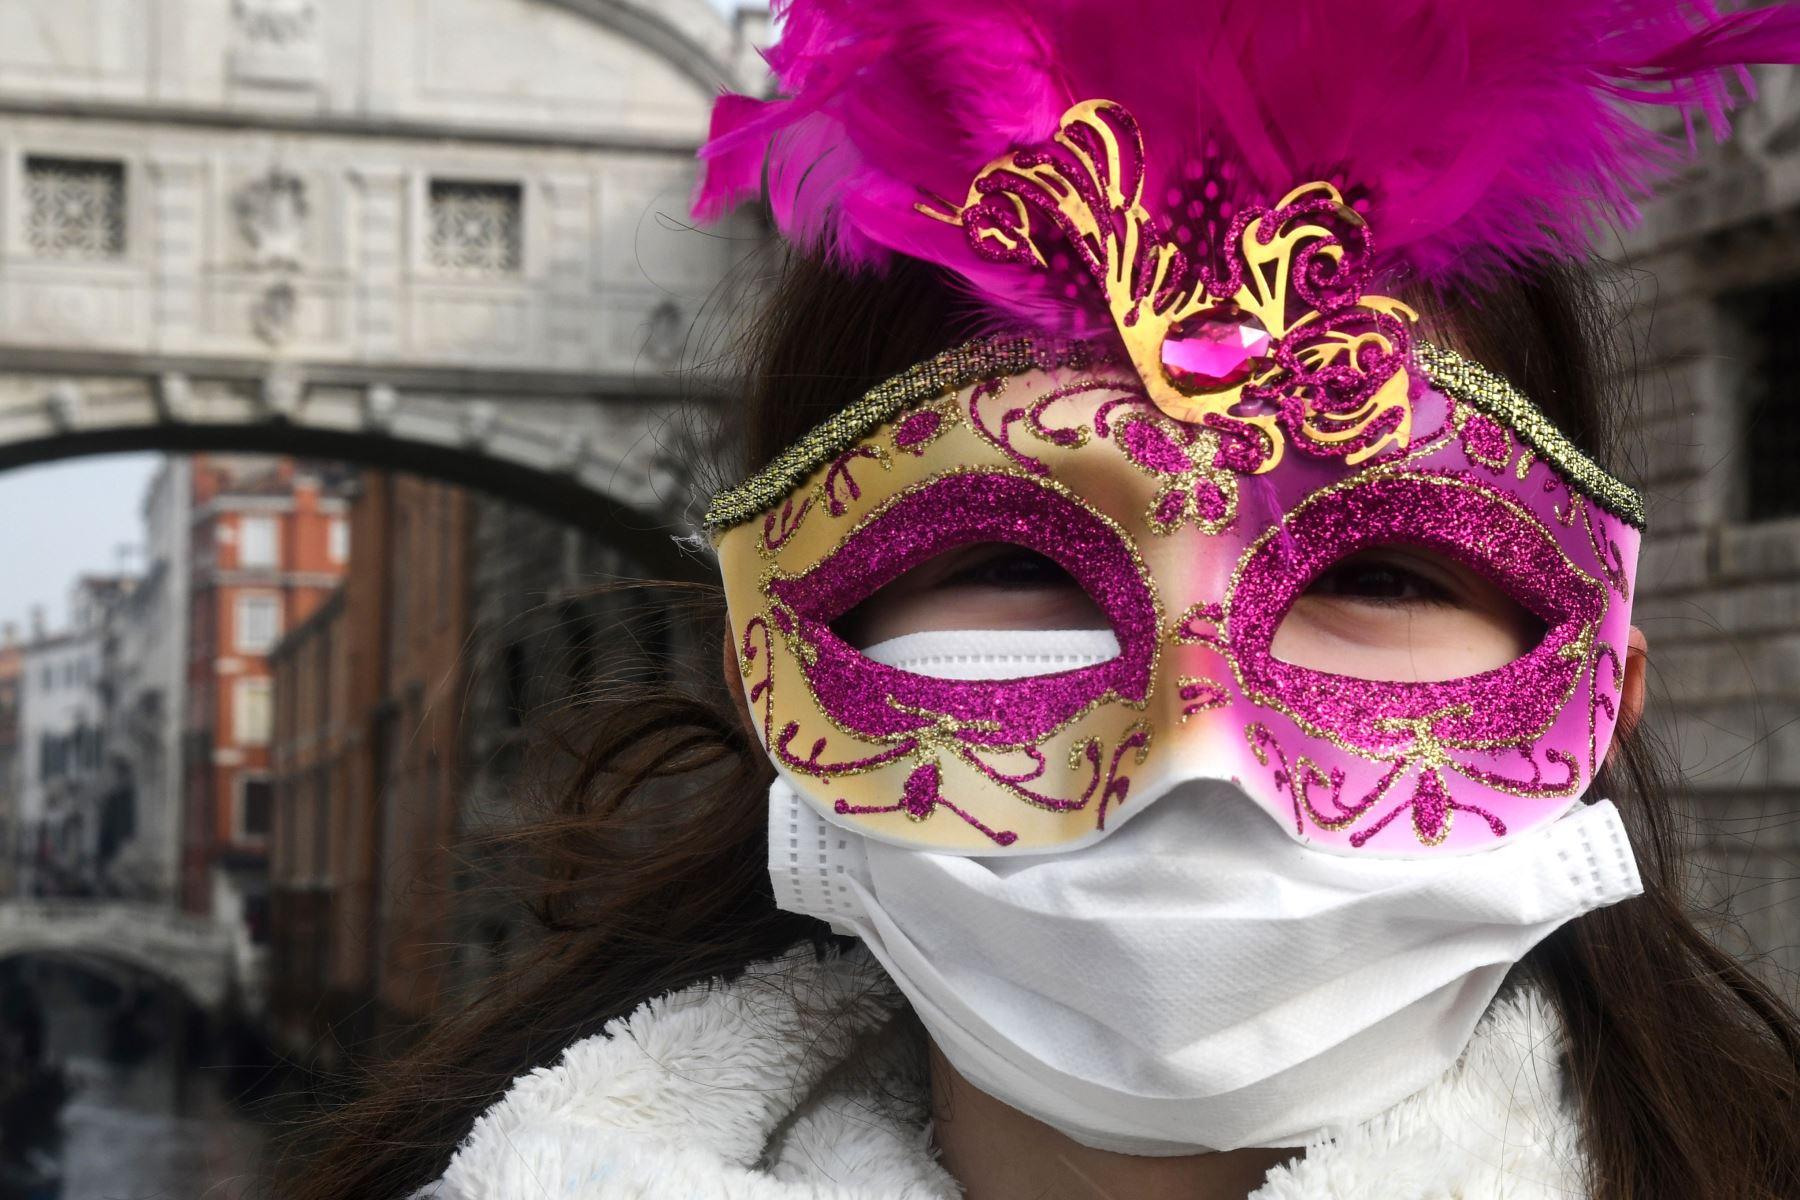 Un joven turista con una máscara protectora y una máscara de Carnaval visita las calles de Venecia. AFP